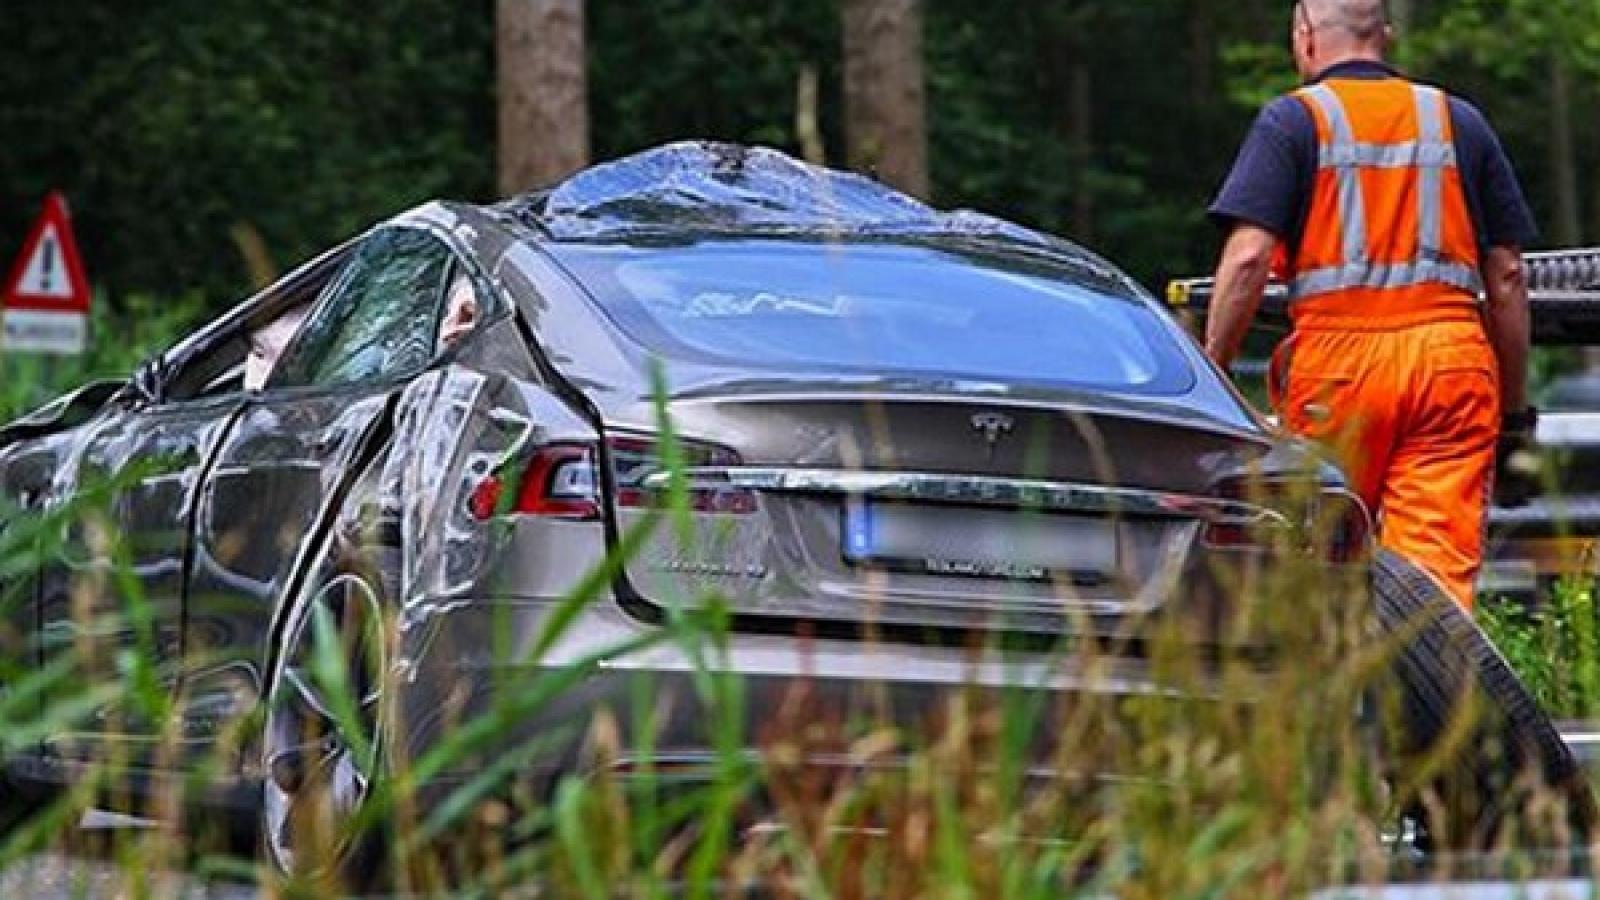 تصادف یک دستگاه تسلا مدل S دیگر منجر به مرگ راننده شد - اجاره خودرو طباطبایی